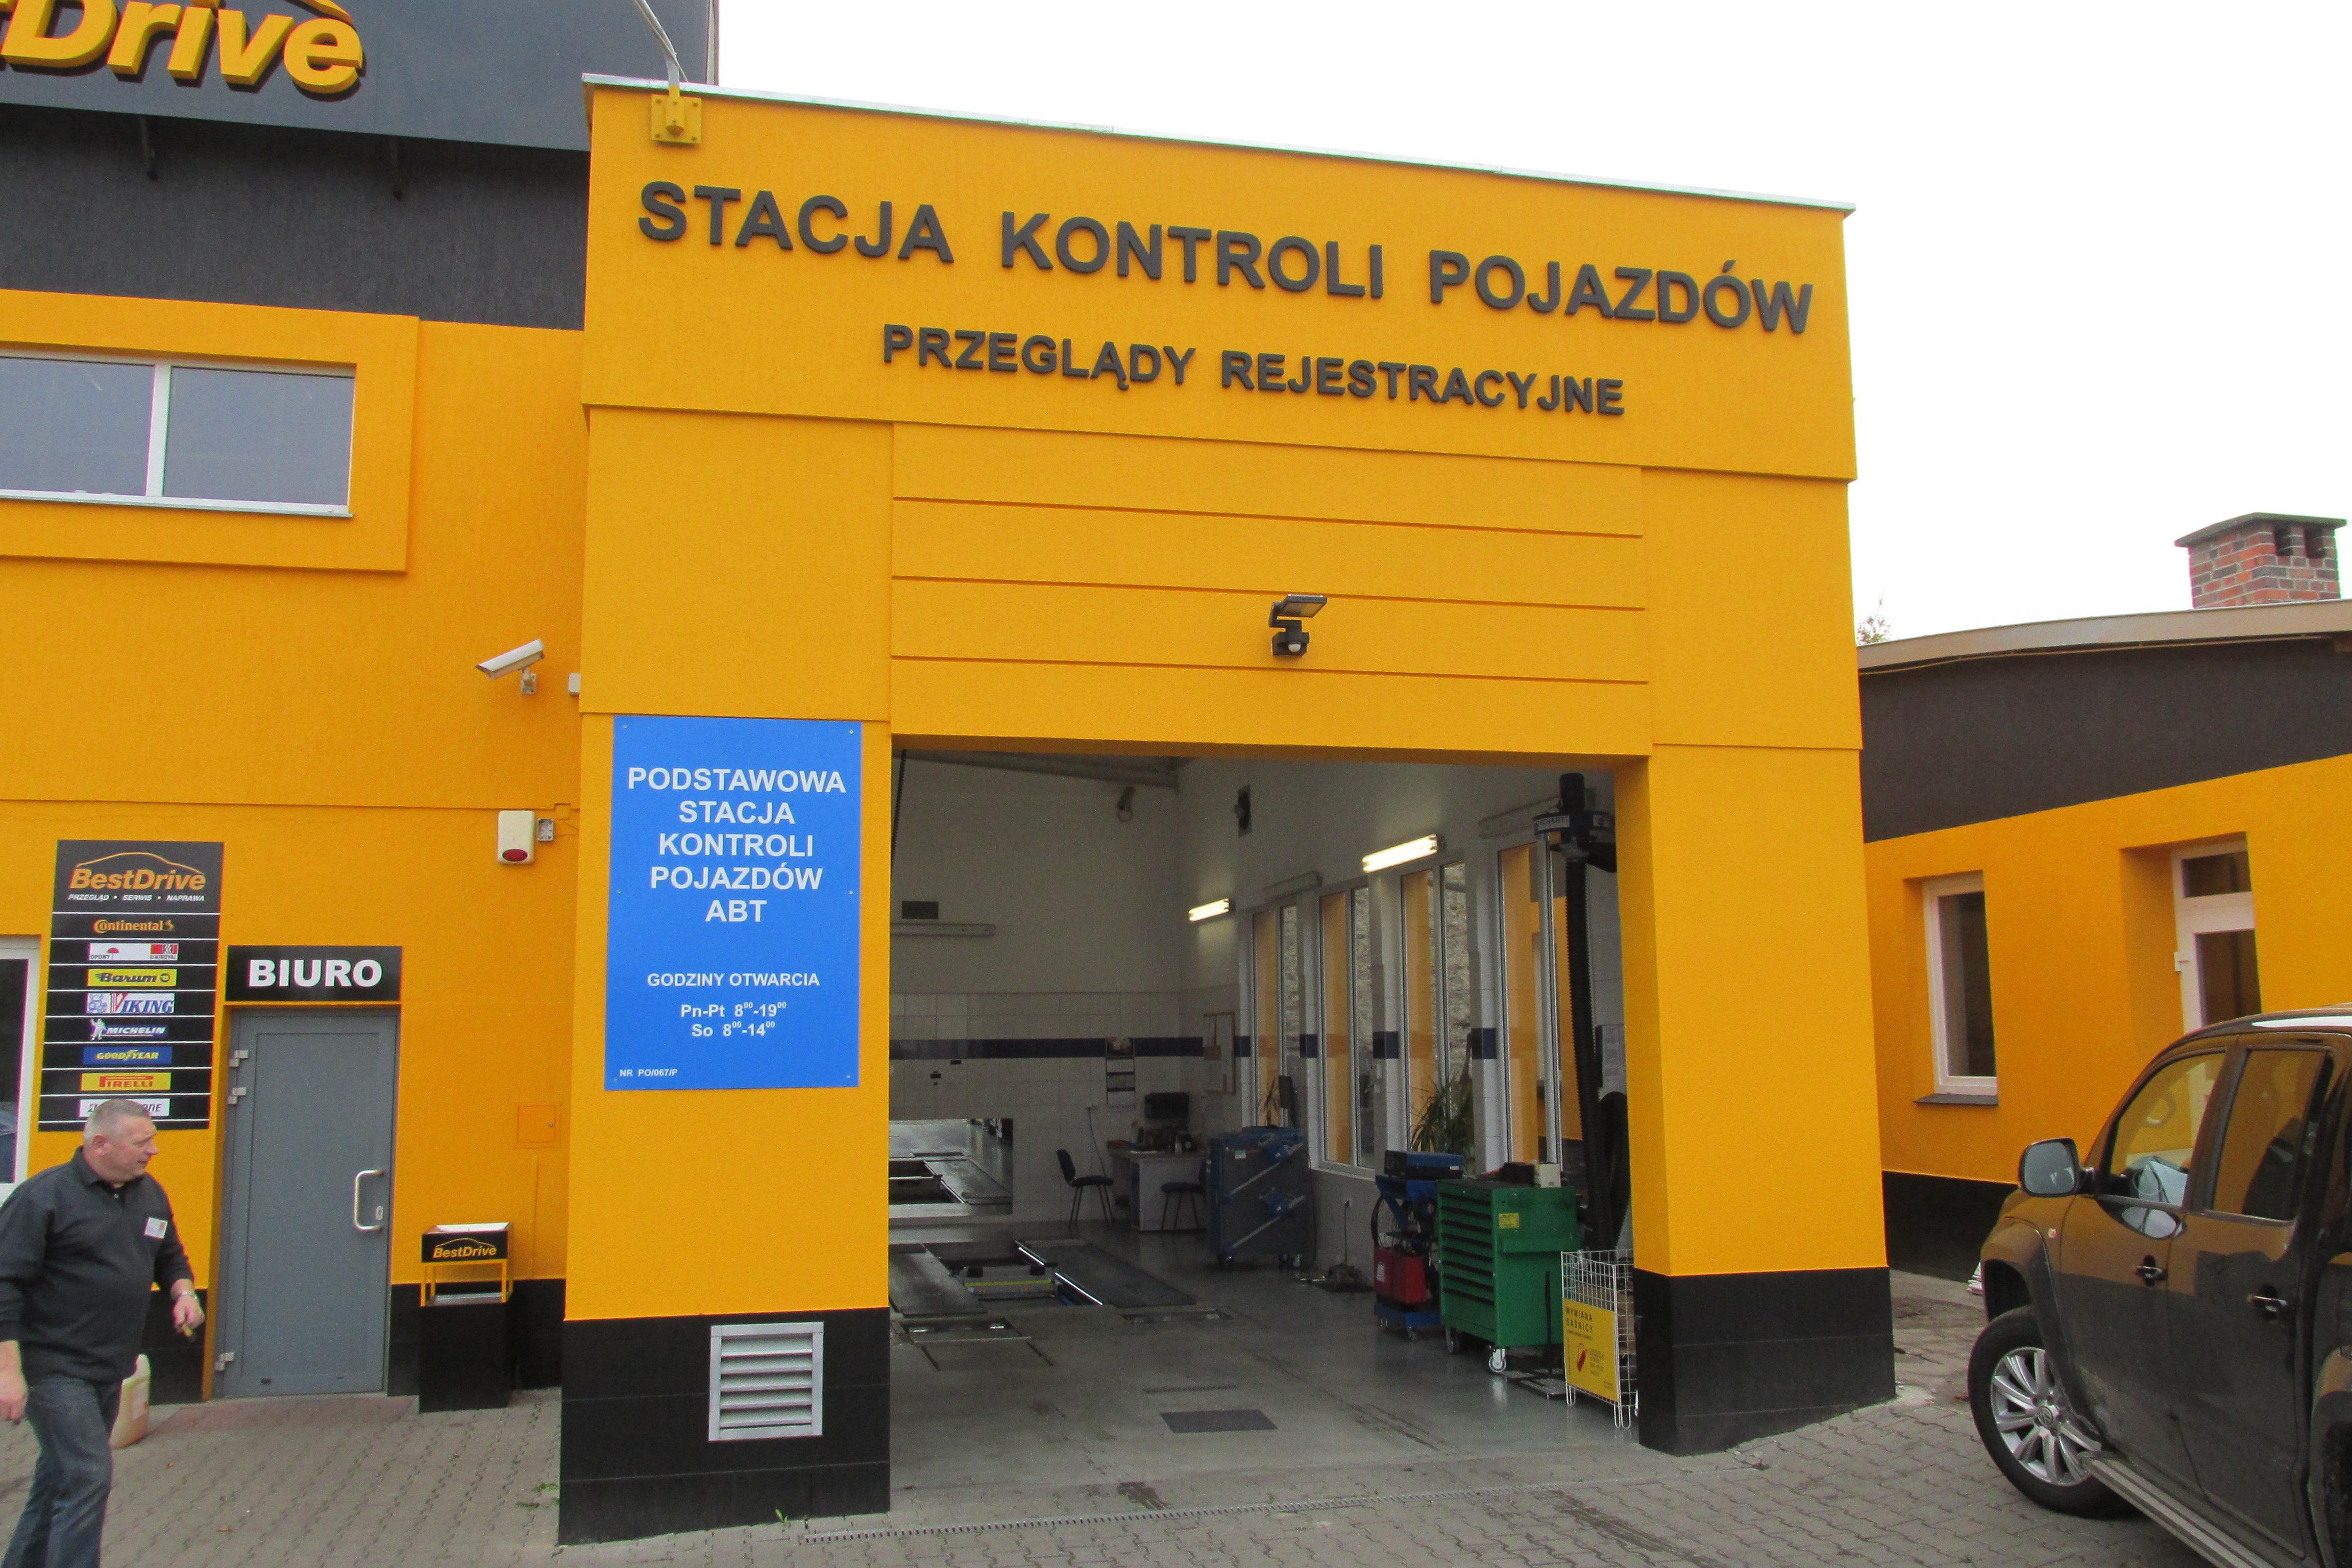 Ogromnie CKS BestDrive - wymiana opon, myjnia samochodowa, stacja kontroli LD44